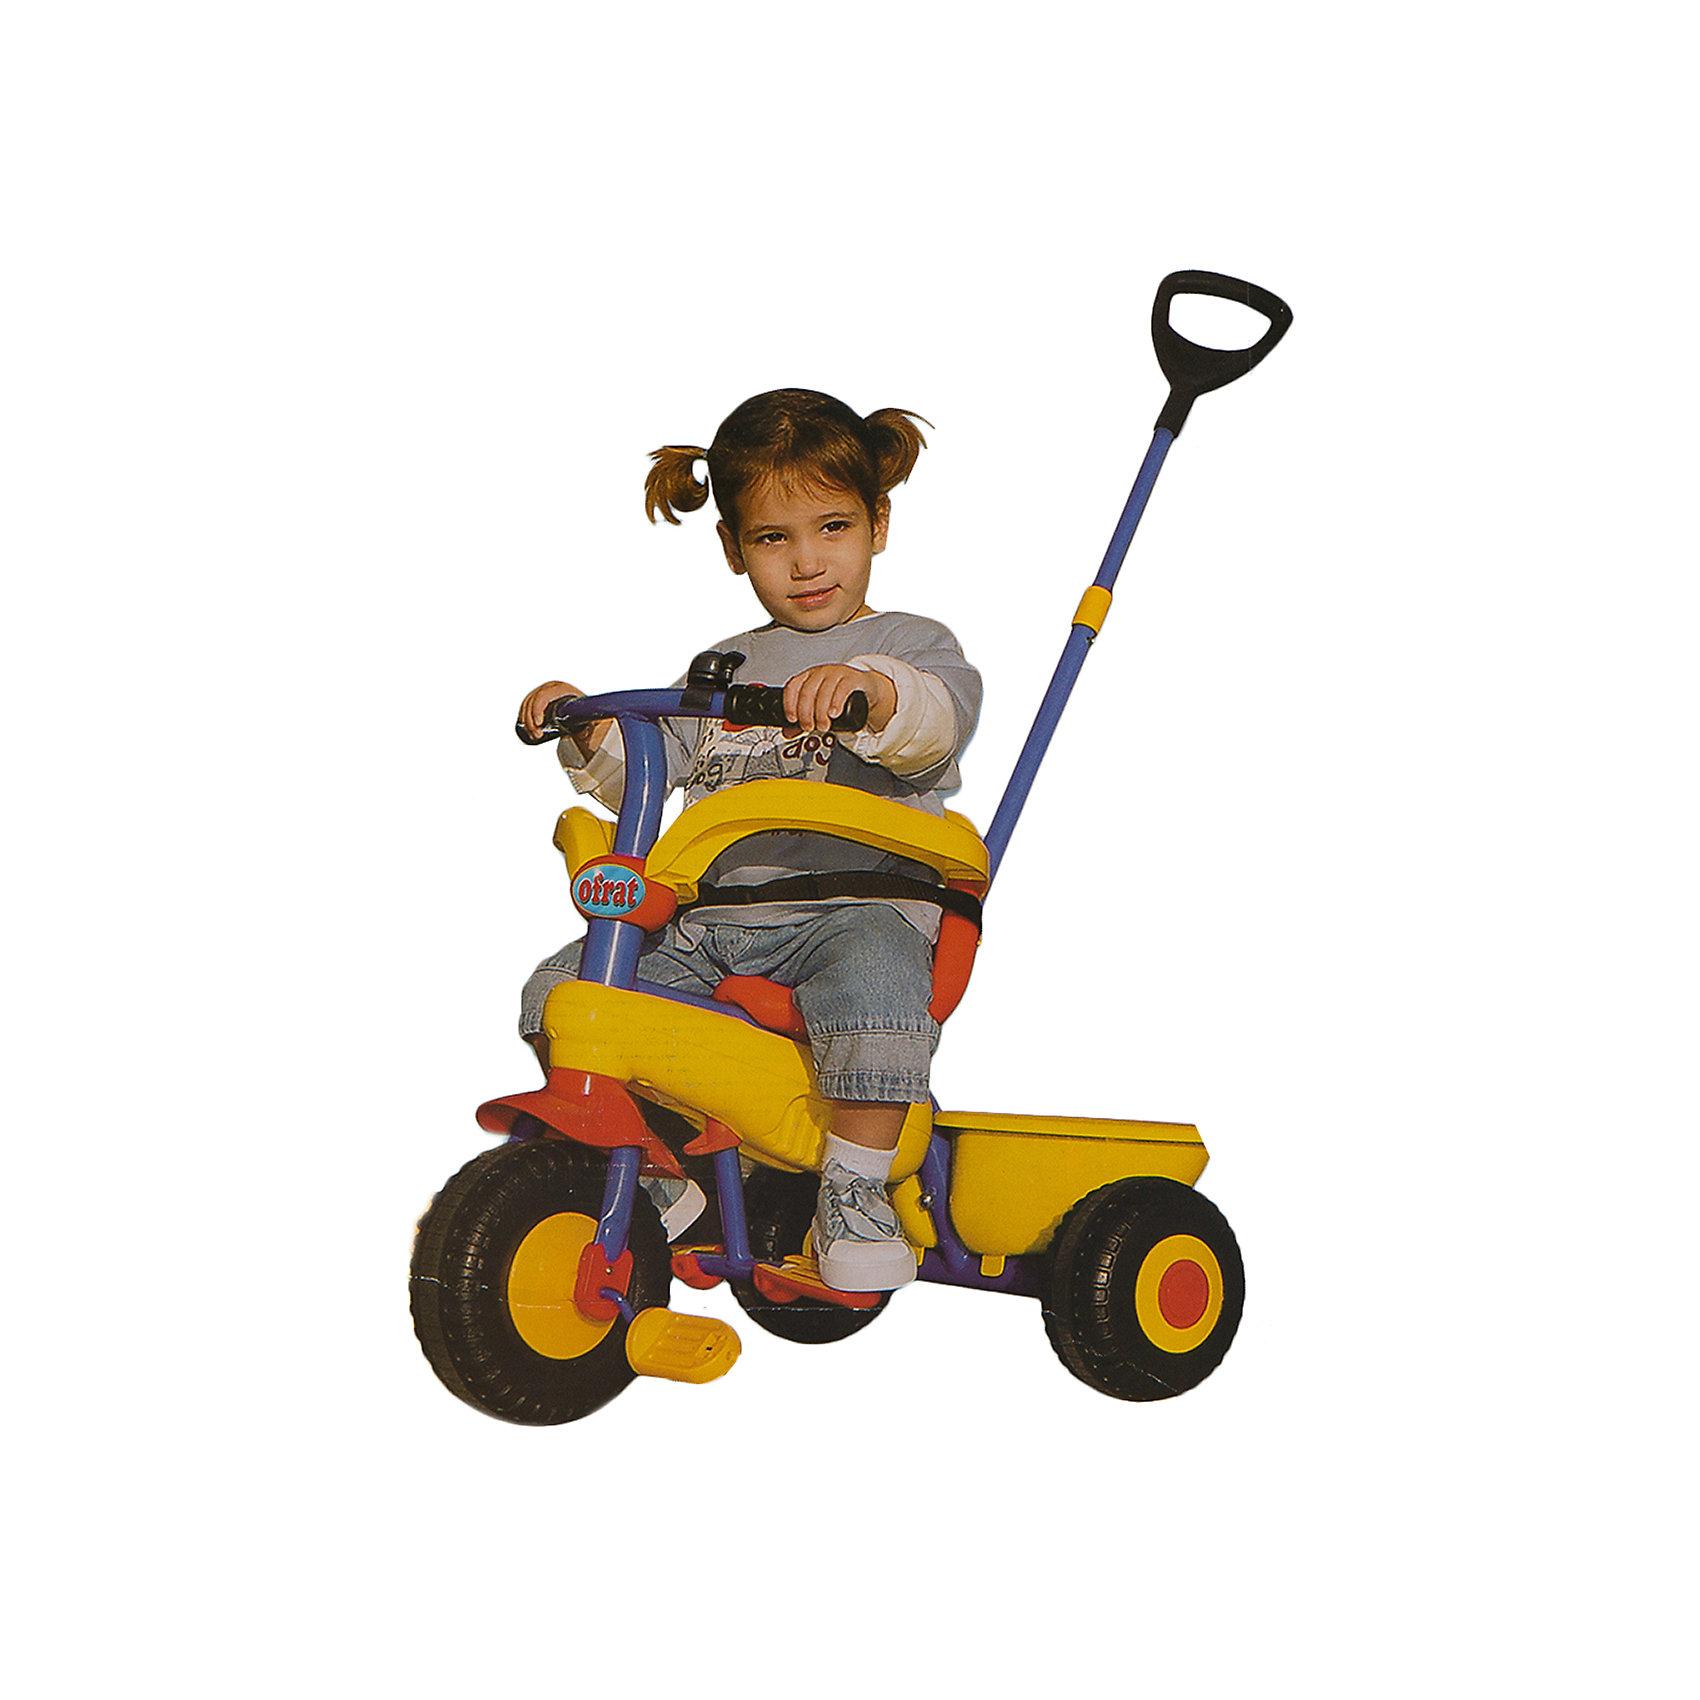 - Велосипед трехколесный Smart Trike, Ofrat купить б у бампер крыло переднее левое фара левая для киа спектра в спб